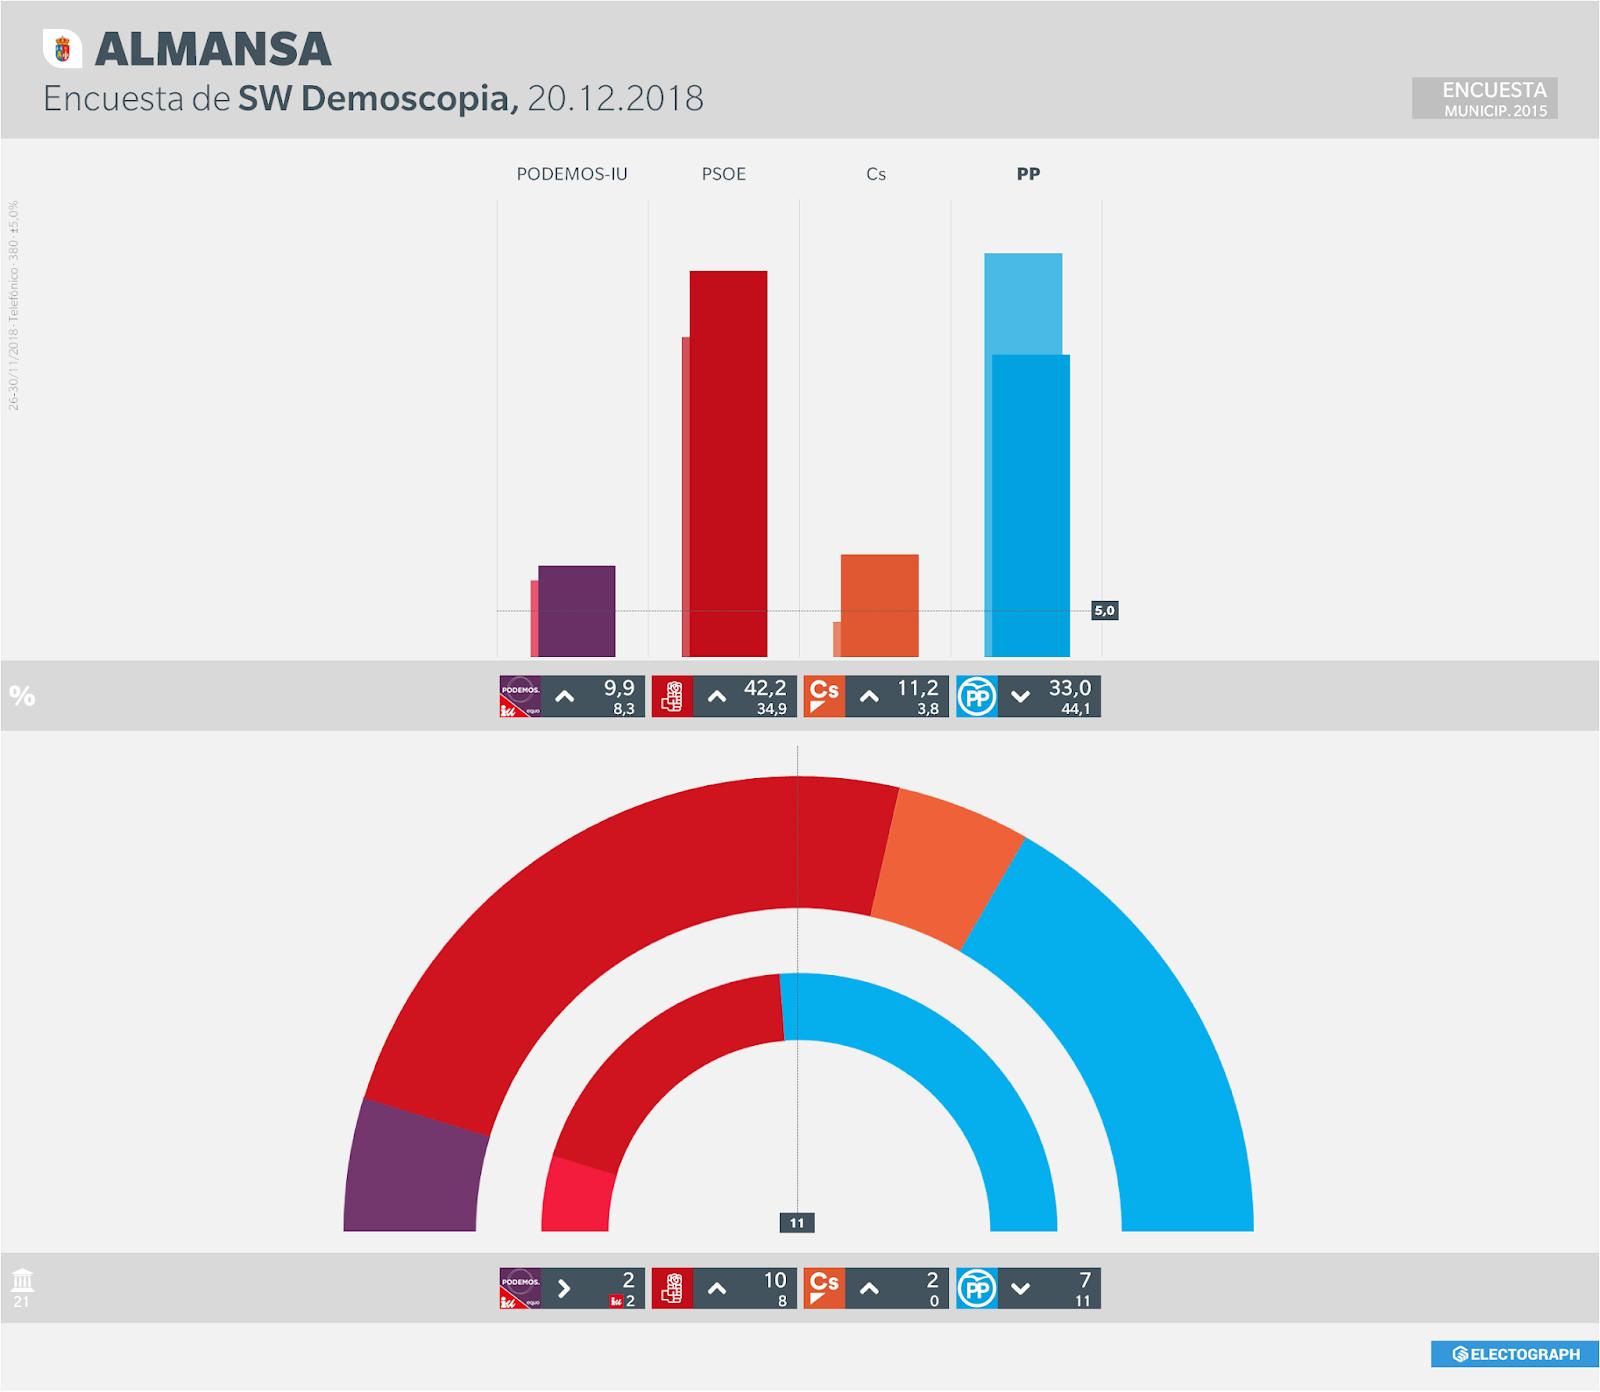 Gráfico de la encuesta para elecciones municipales en Almansa realizada por SW Demoscopia, 20 de diciembre de 2018